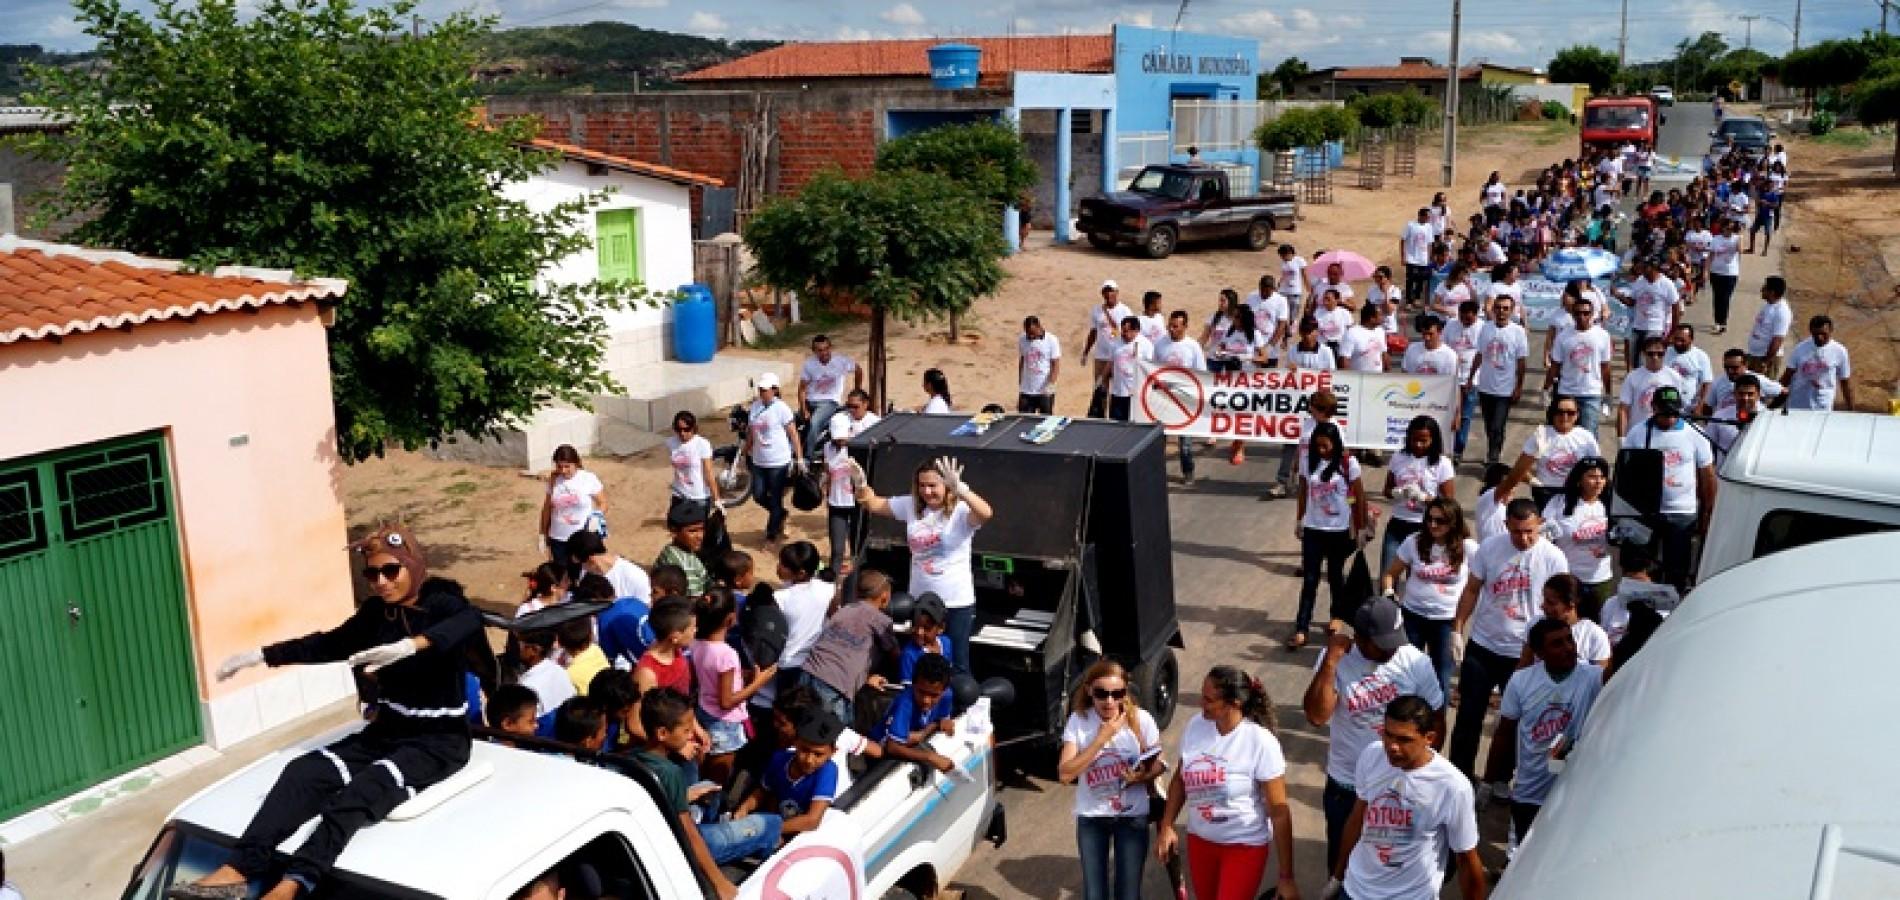 FOTOS: Prefeitura de Massapê do Piauí promove atitude contra a dengue